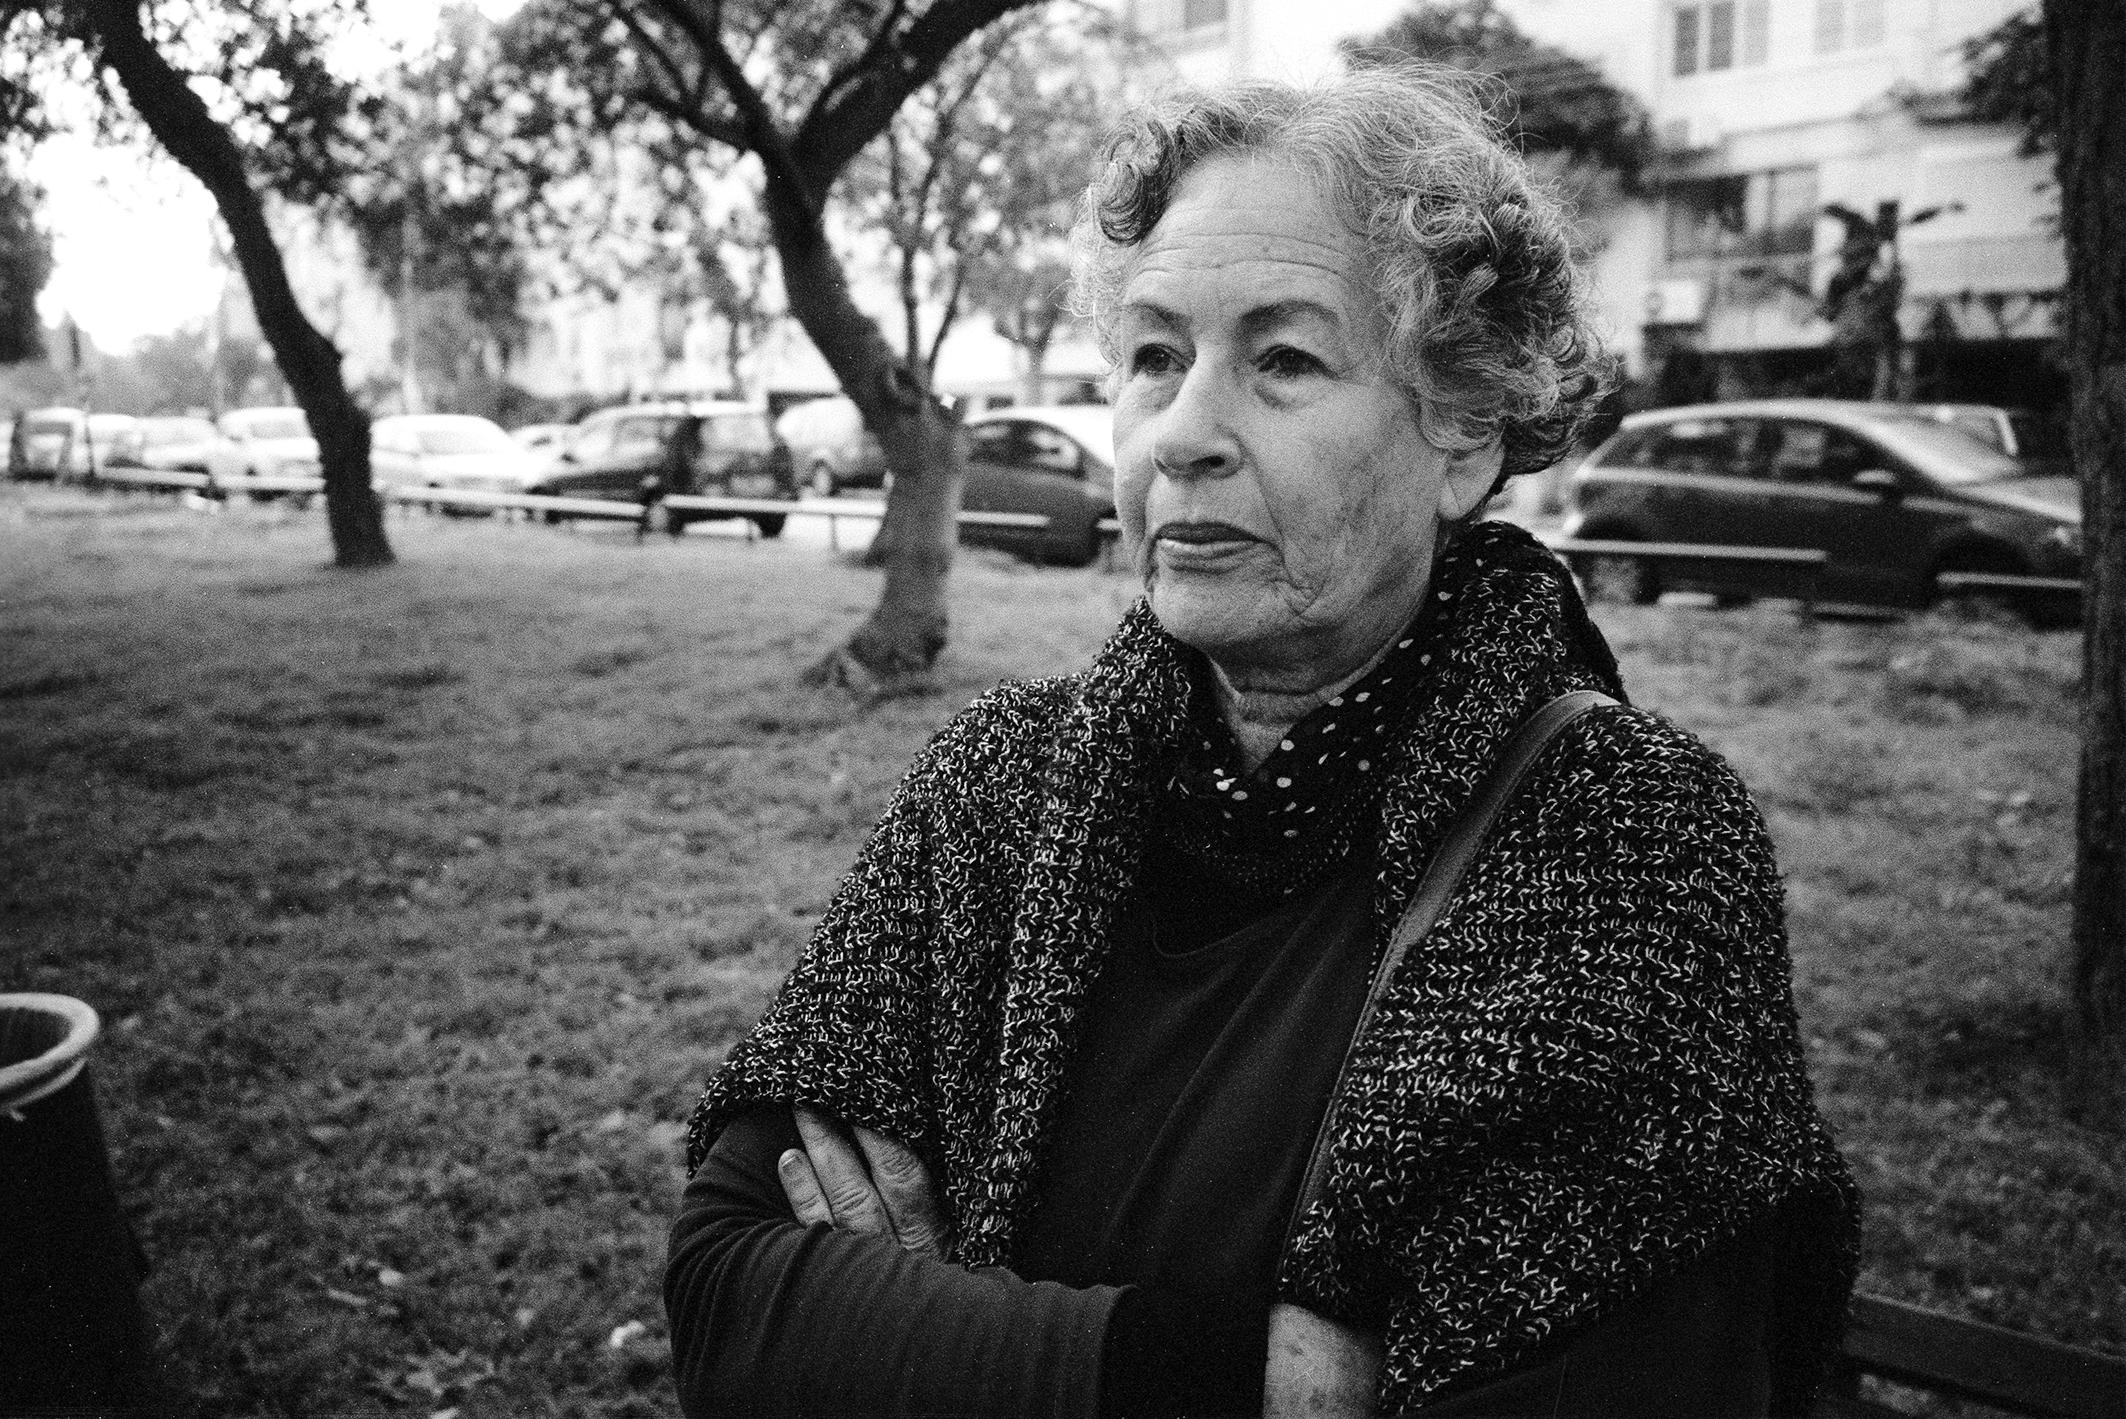 אמא בפארק 15.jpg